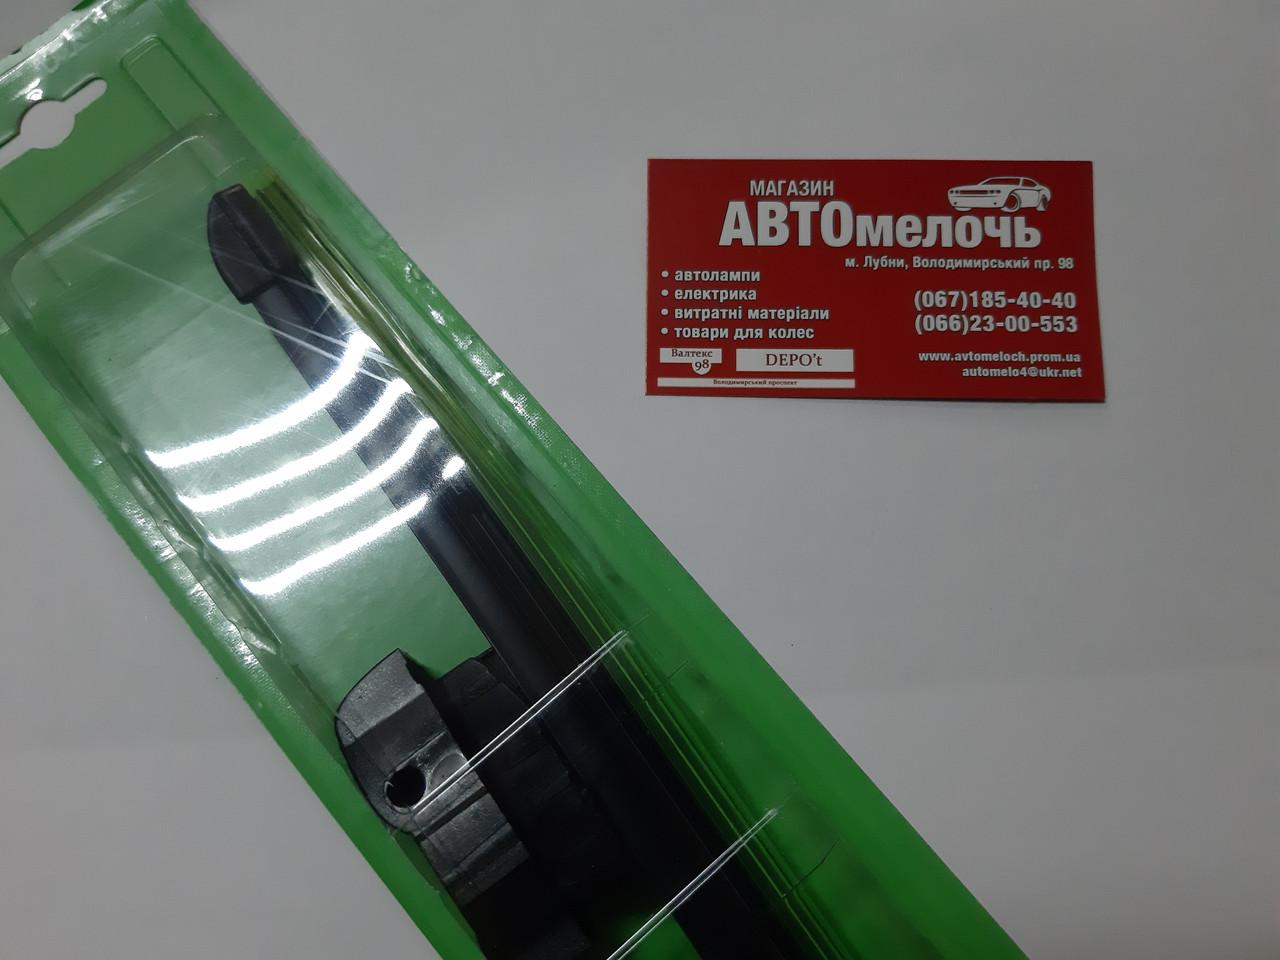 Щетка стеклоочистителя бескаркасная с переходниками 400 мм пр-во Profit